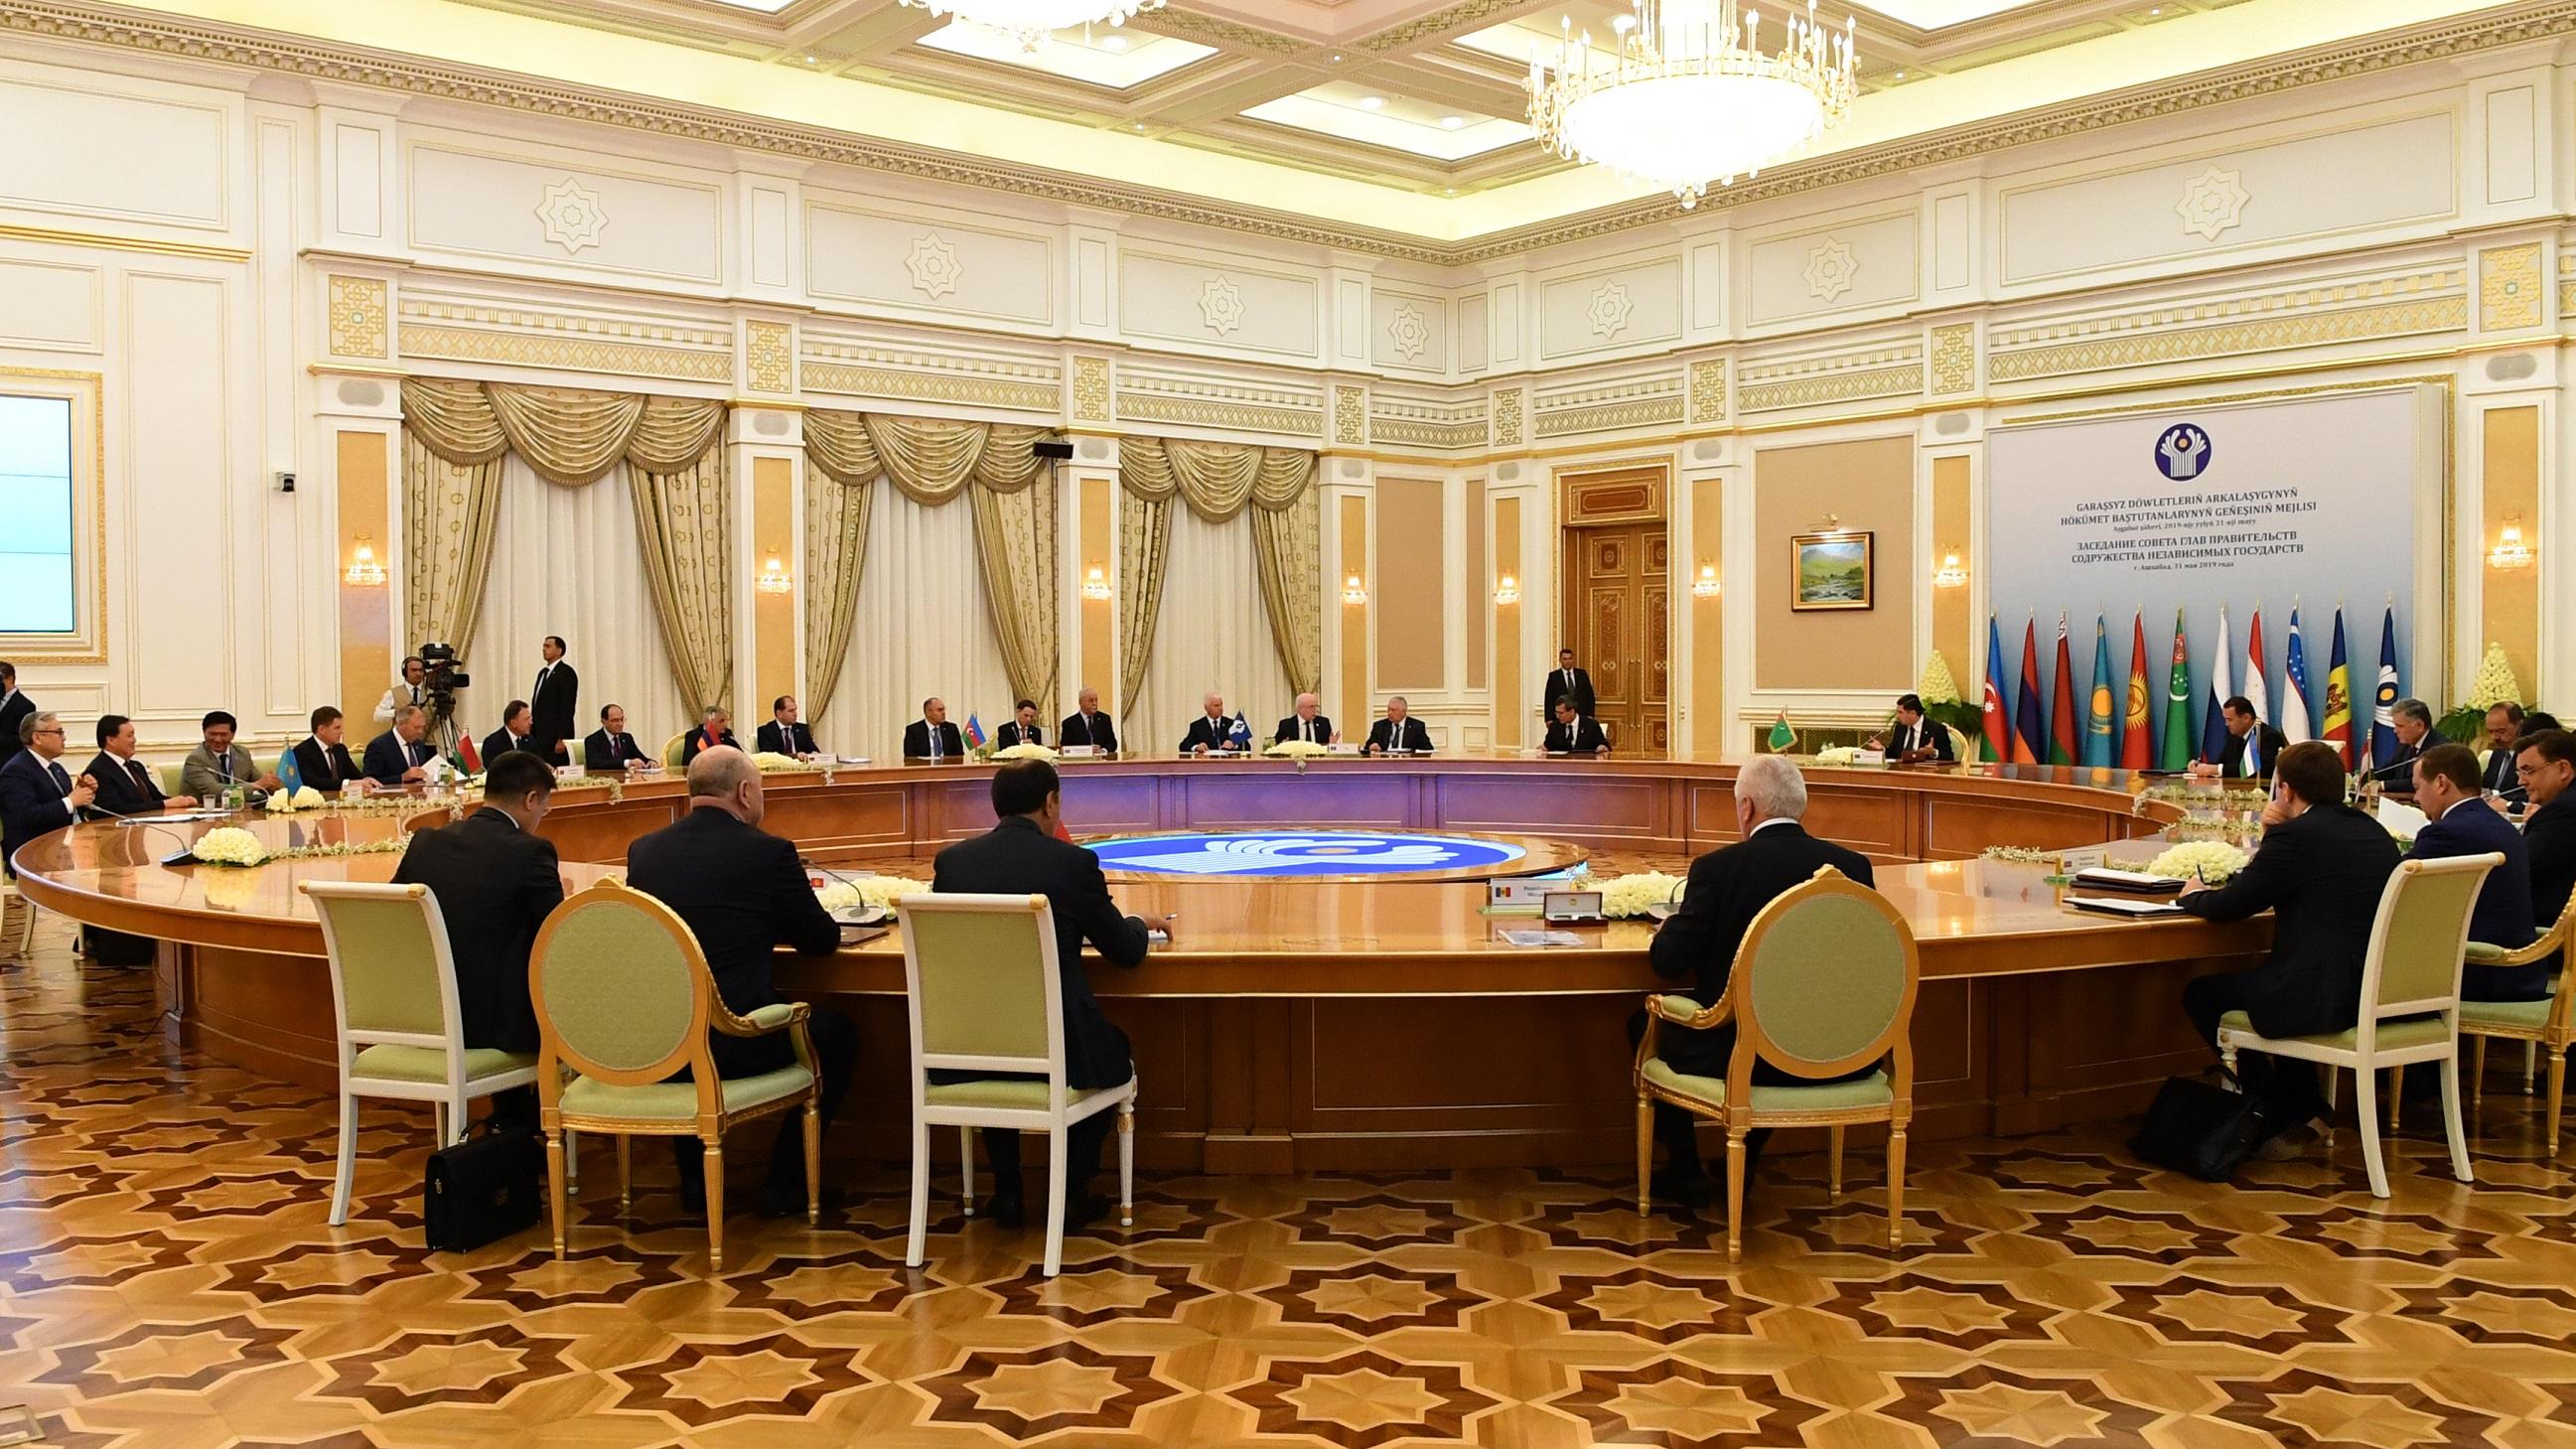 Товарооборот Казахстана со странами СНГ по итогам 2018 года составил  $24,3 млрд